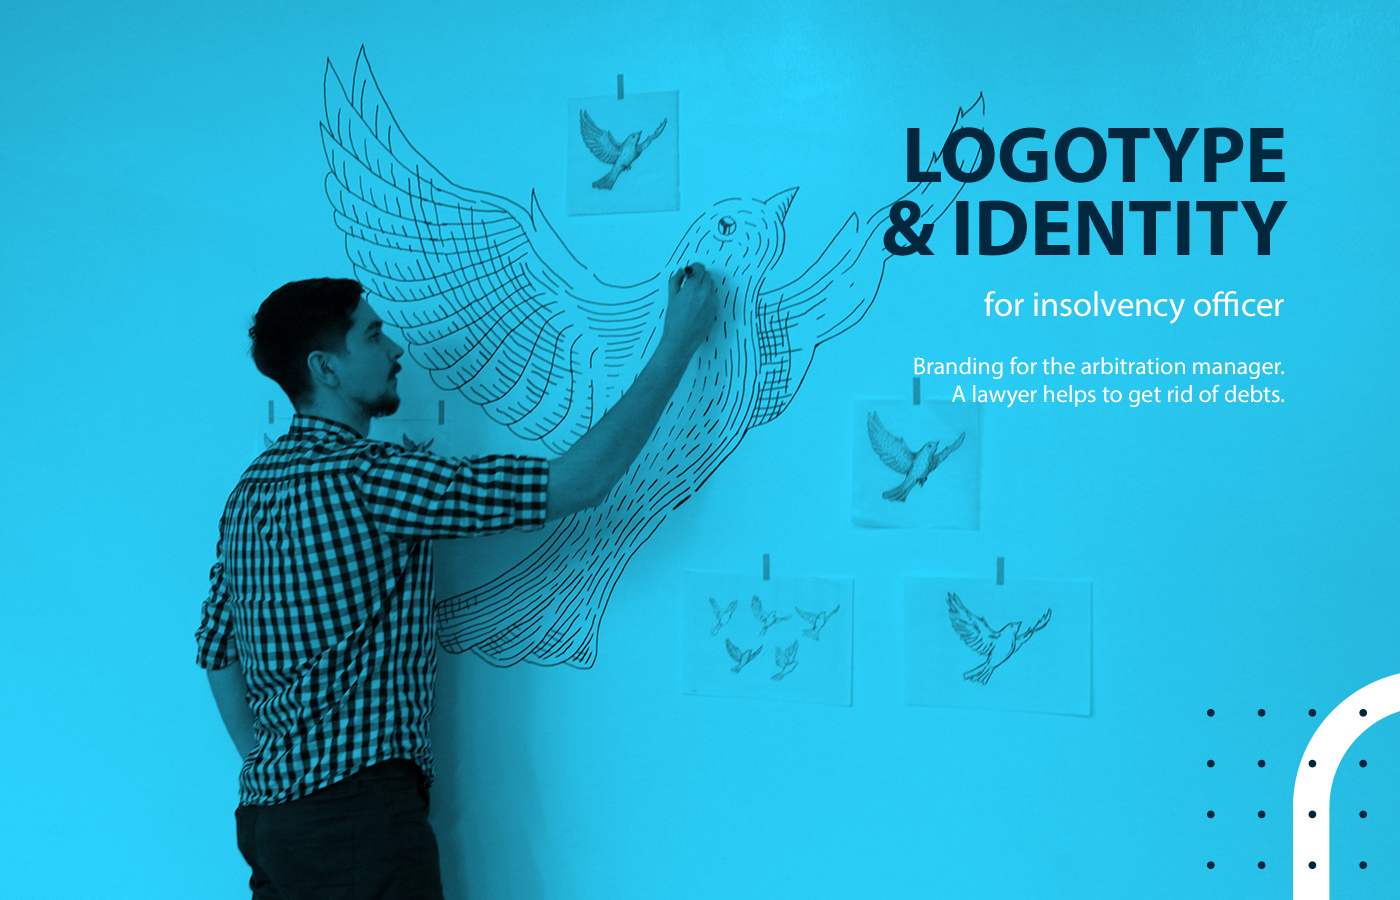 law logo identity brand wing bird banqrote SKY cloud makeagency